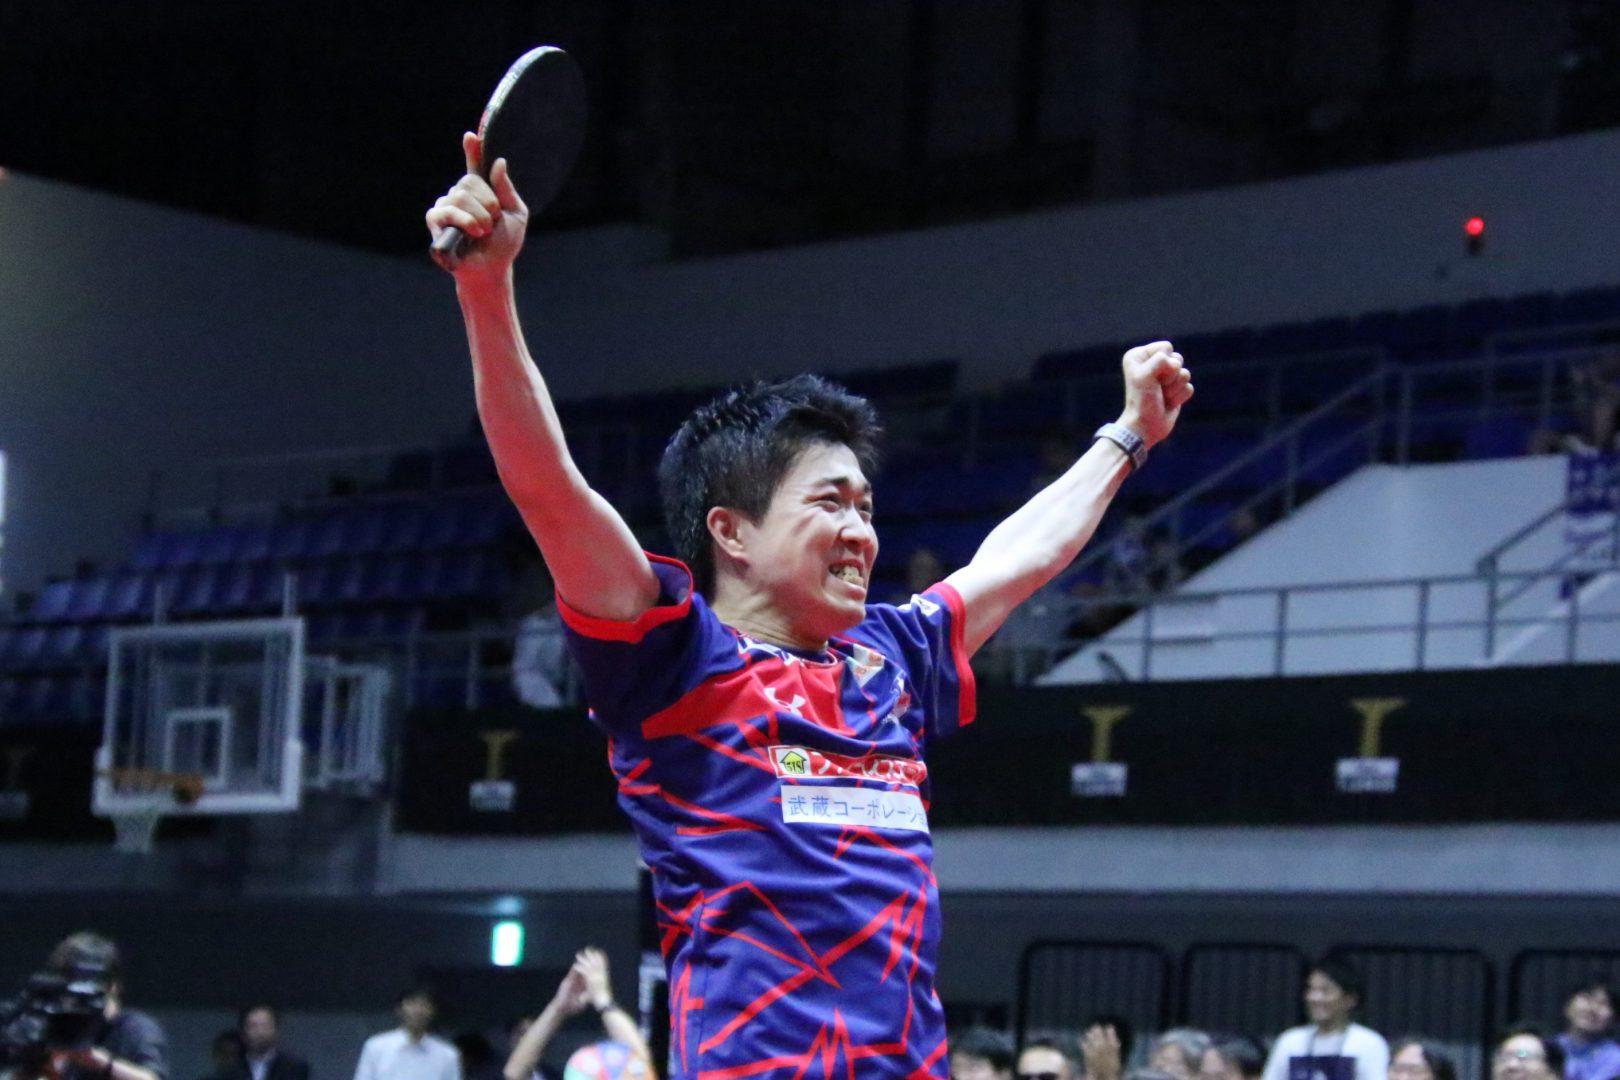 【速報・Tリーグ】神巧也、フルスイングで大激戦制す T.T彩たまが琉球に勝利